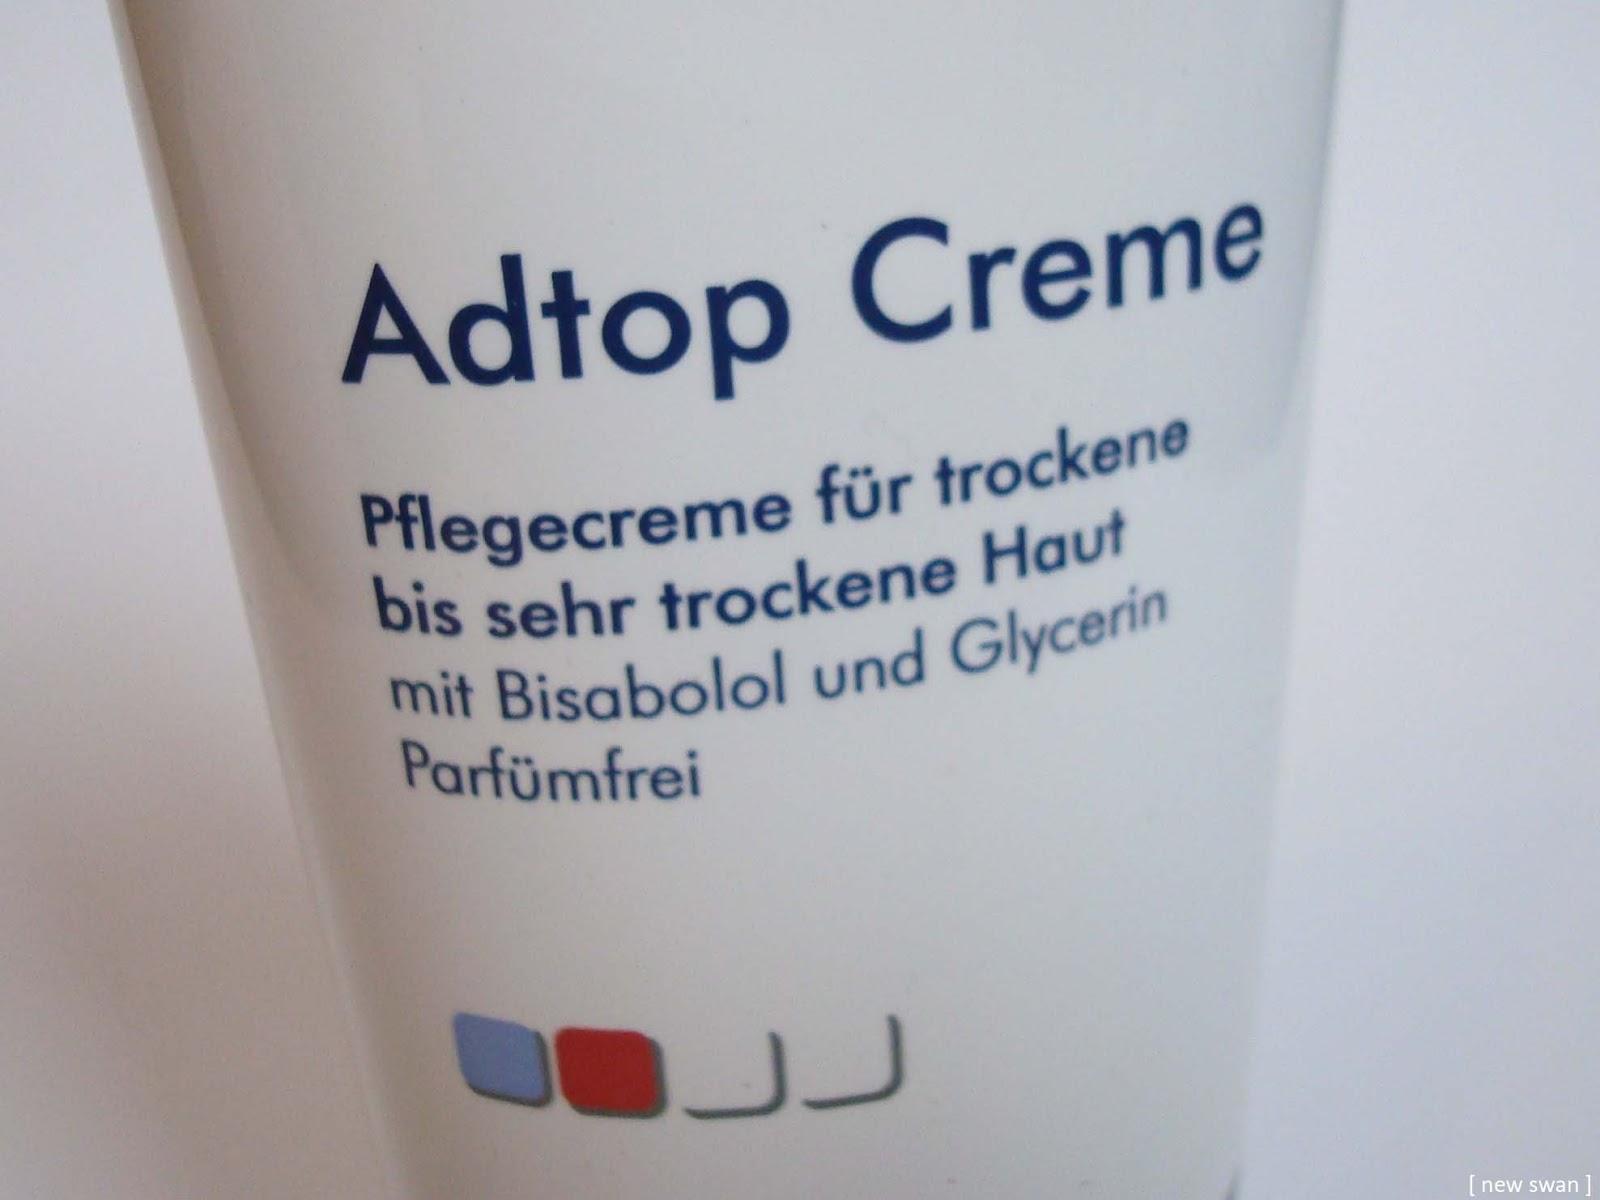 Die Adtop Creme von Dermasence